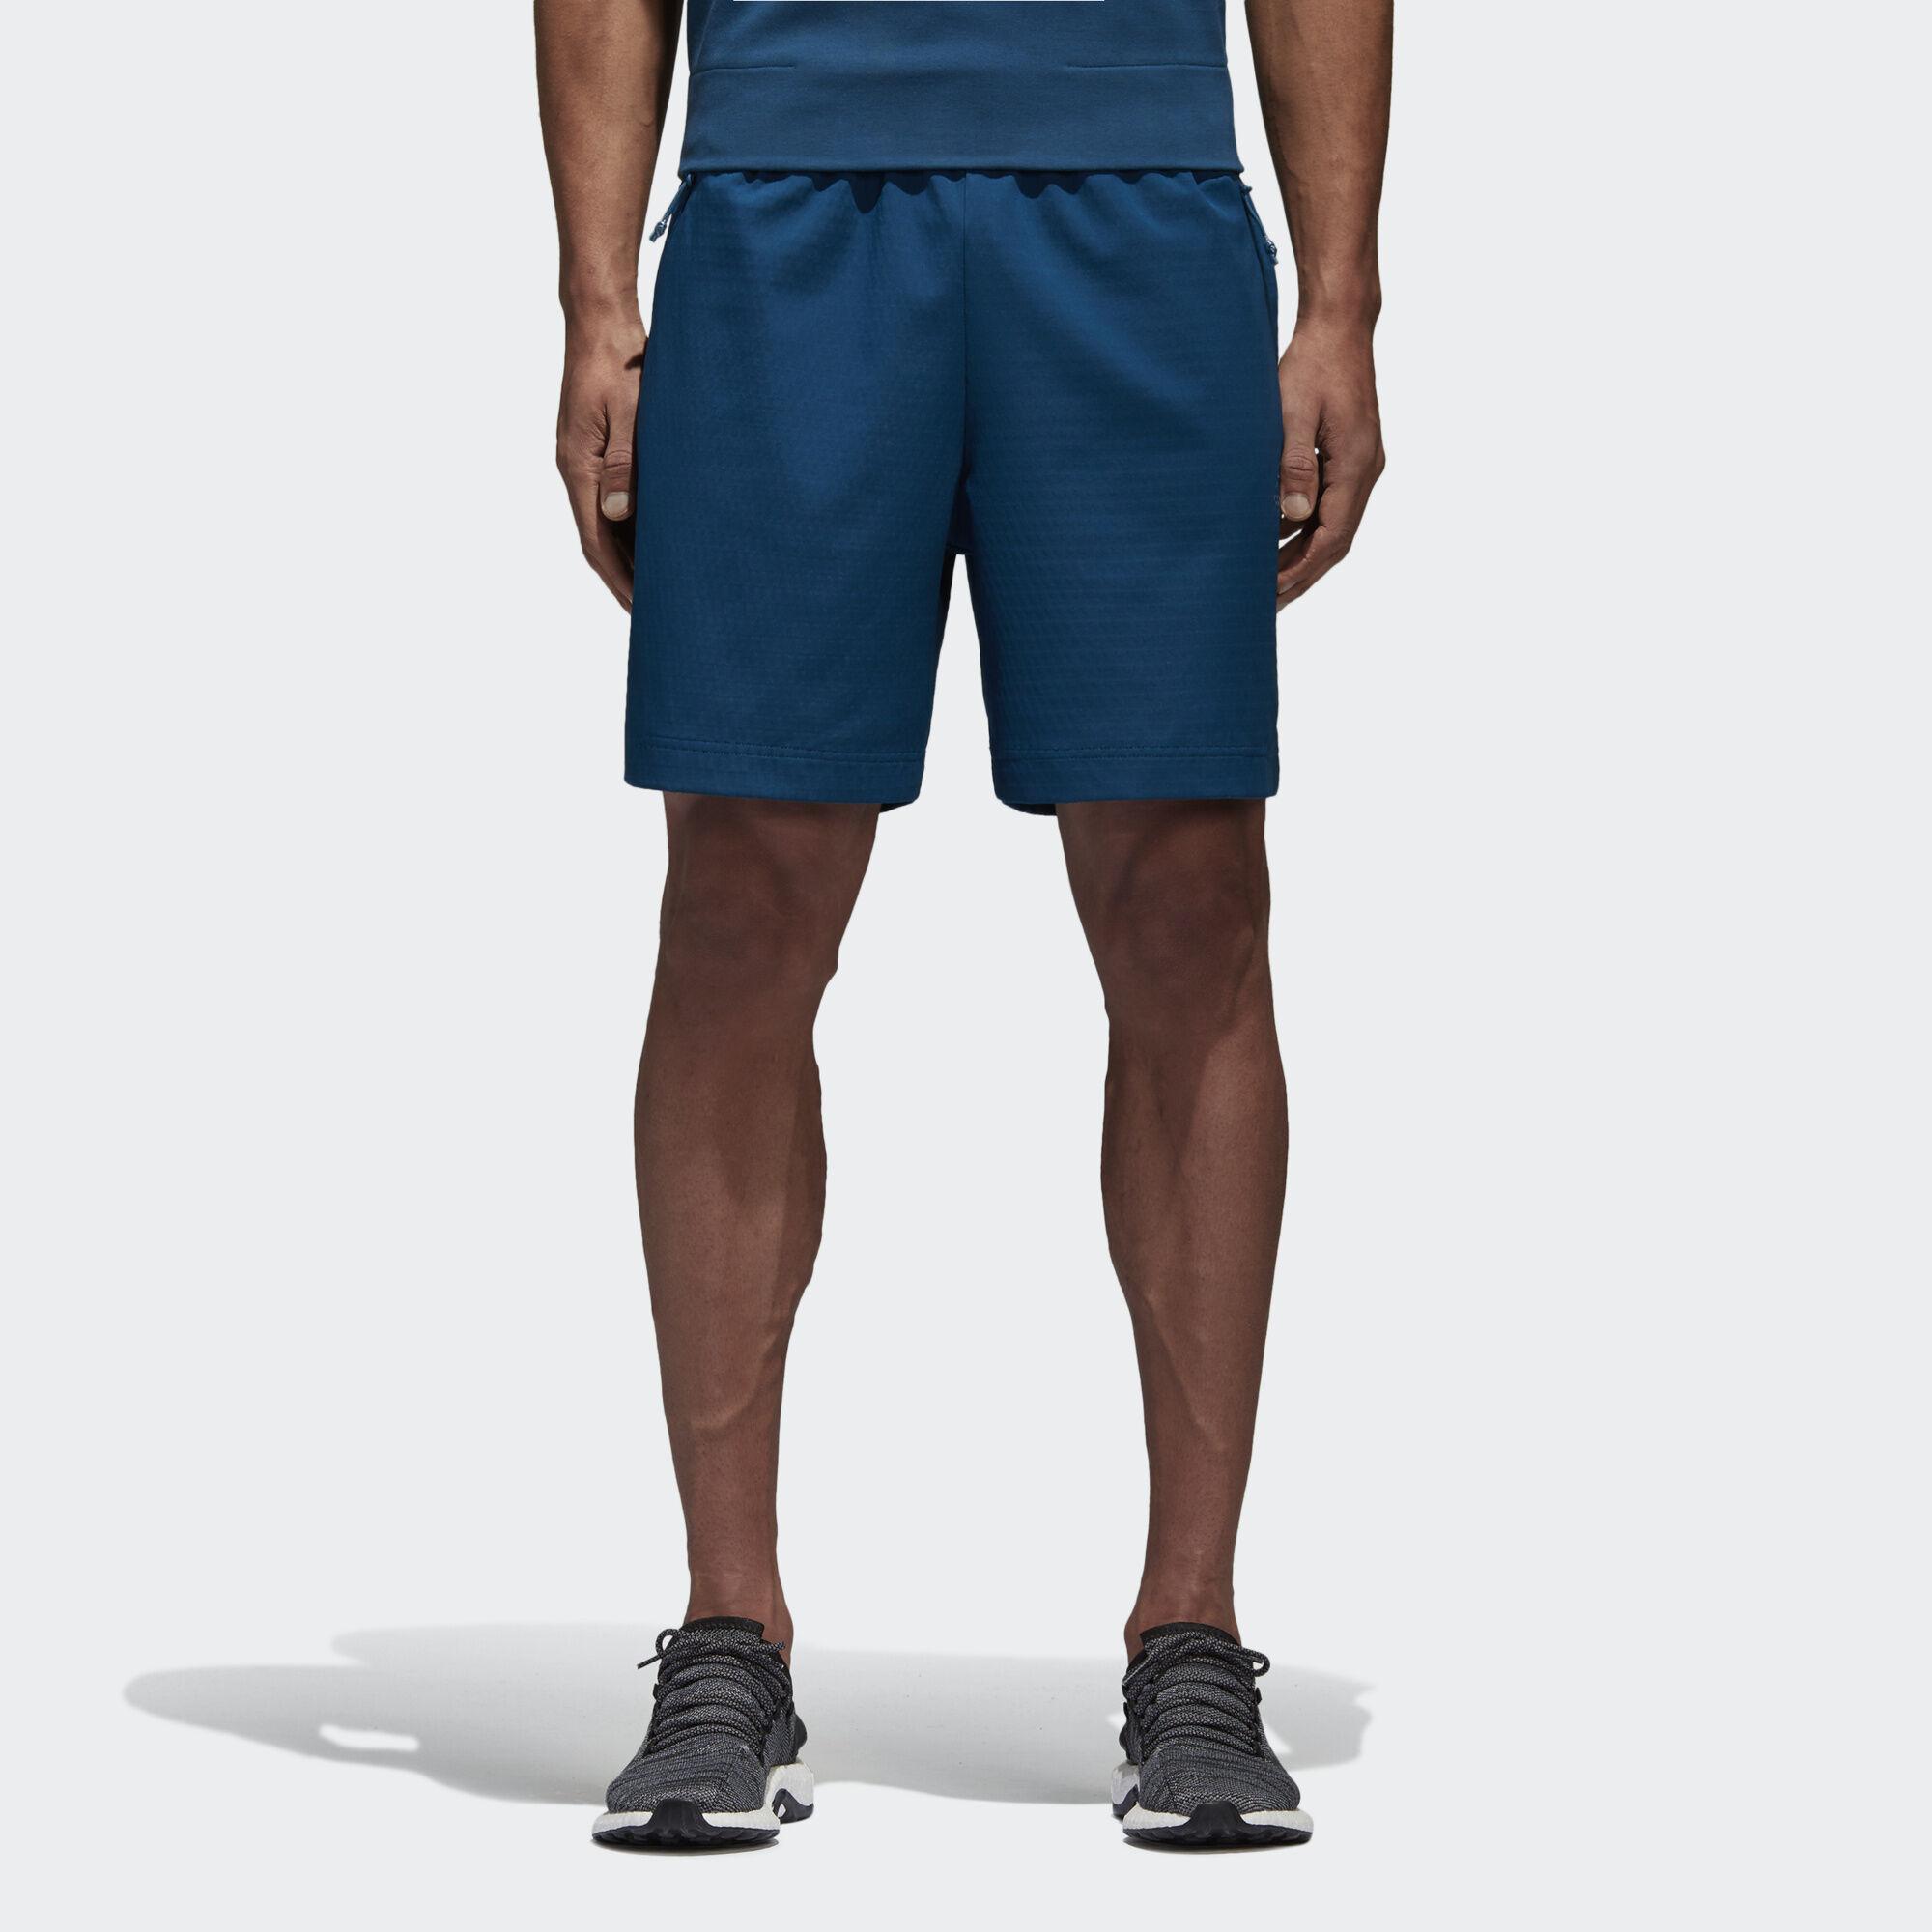 e Z Regional Pantalón n Corto Blue Field Adidas O4w4ABxqI cc9f7c23b58bb